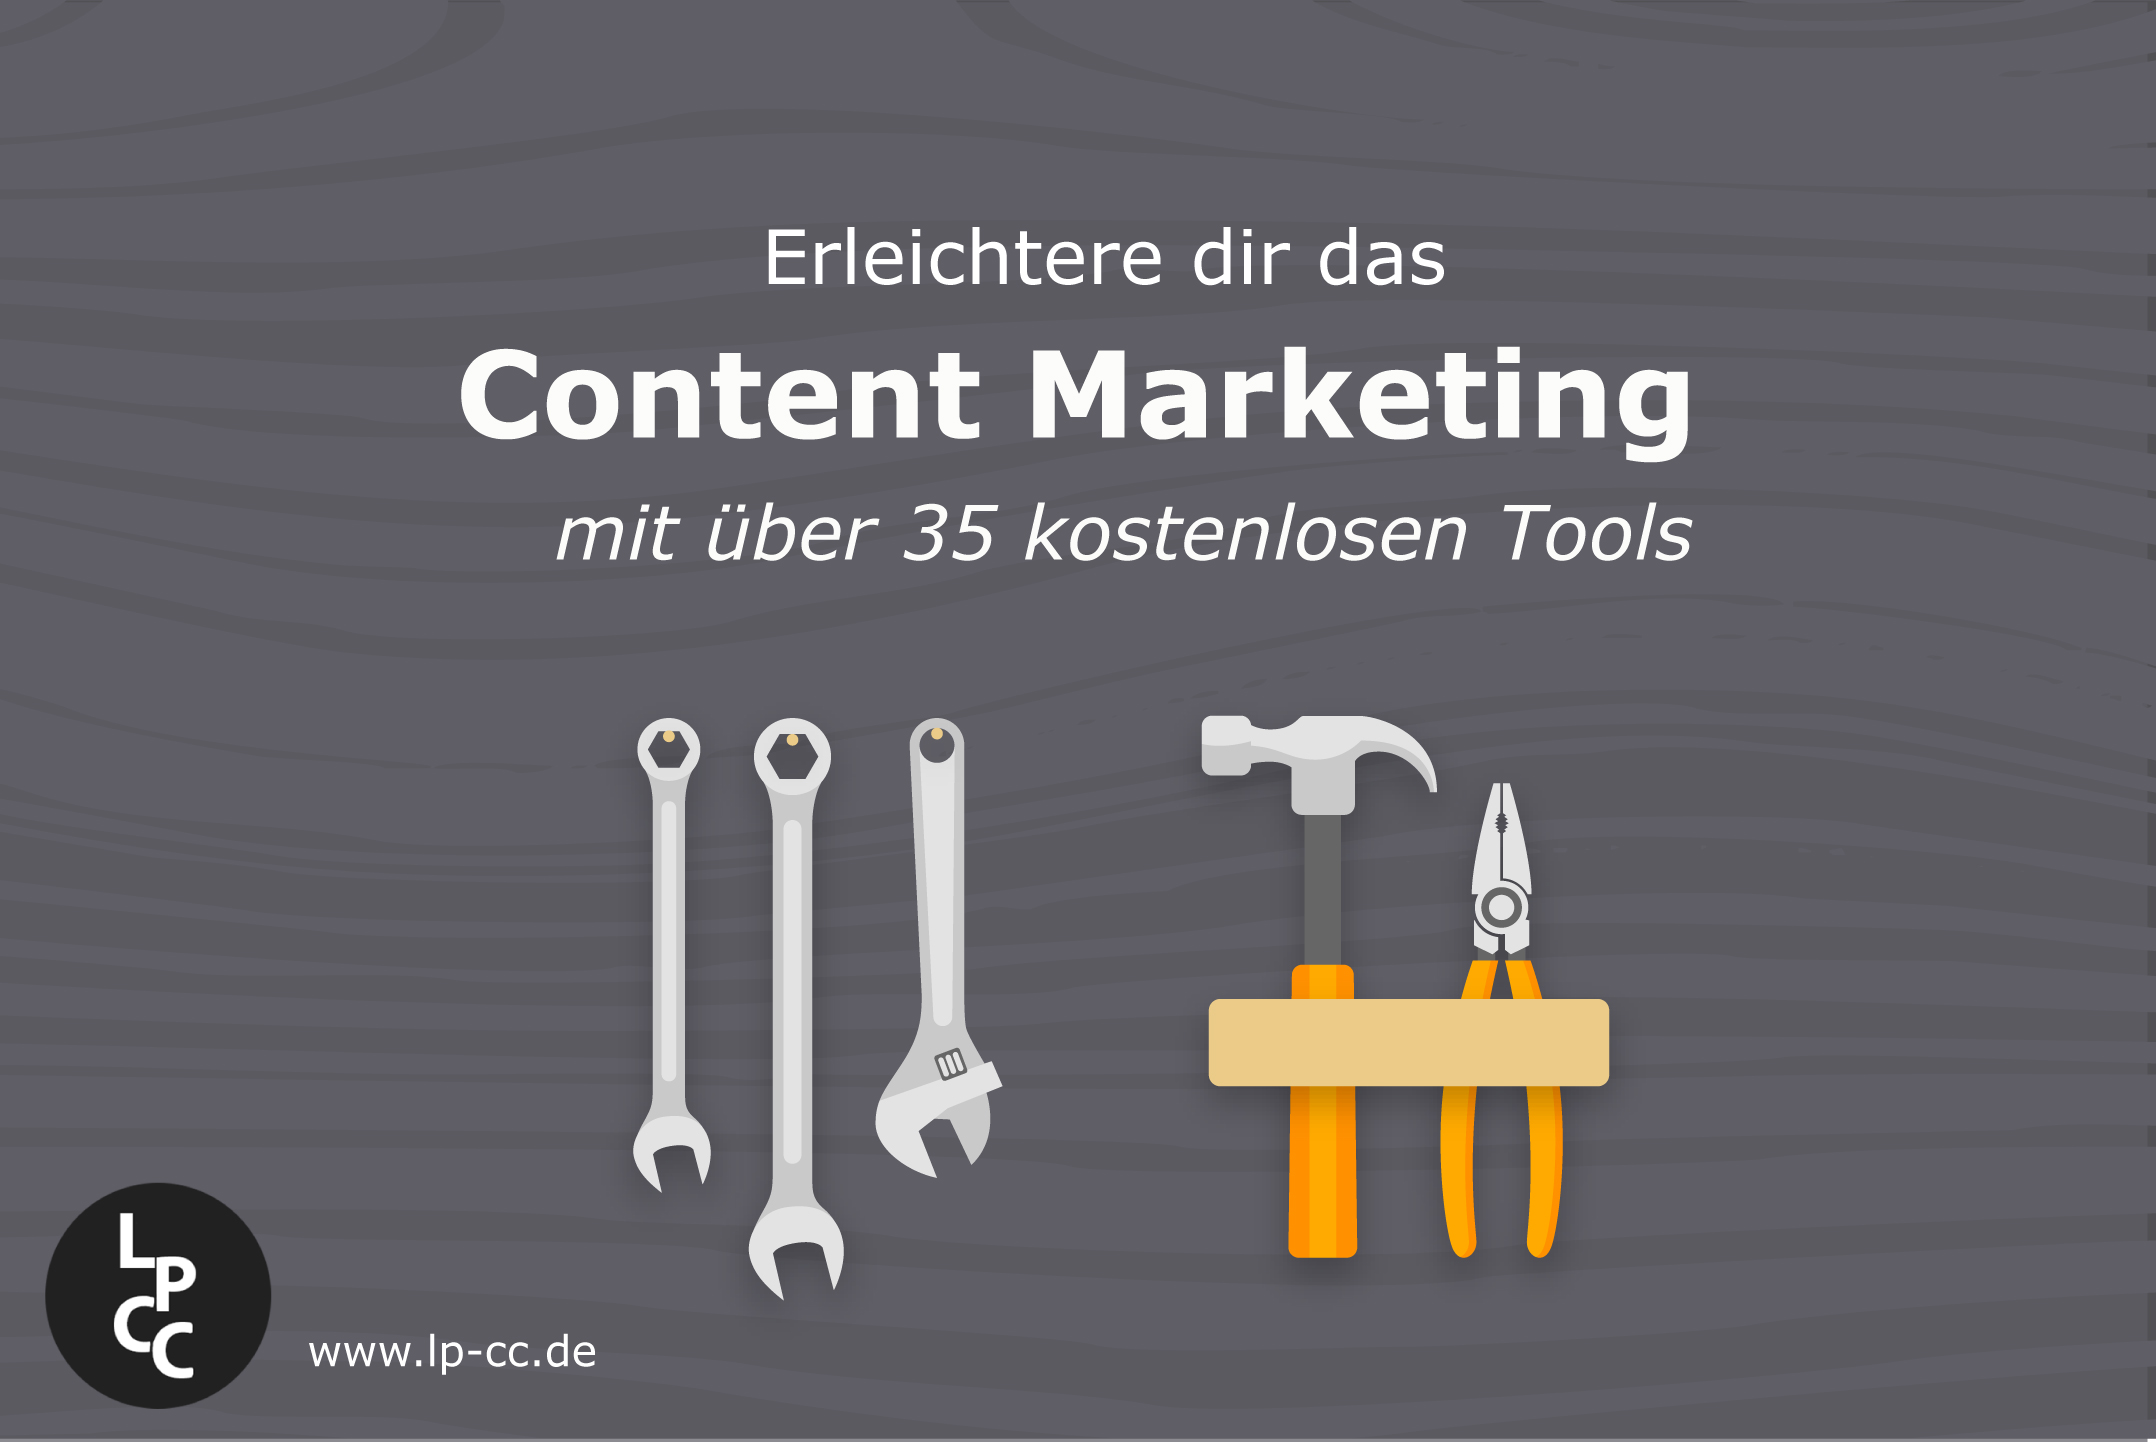 35+ kostenlose Tools die dein Content Marketing erheblich erleichtern